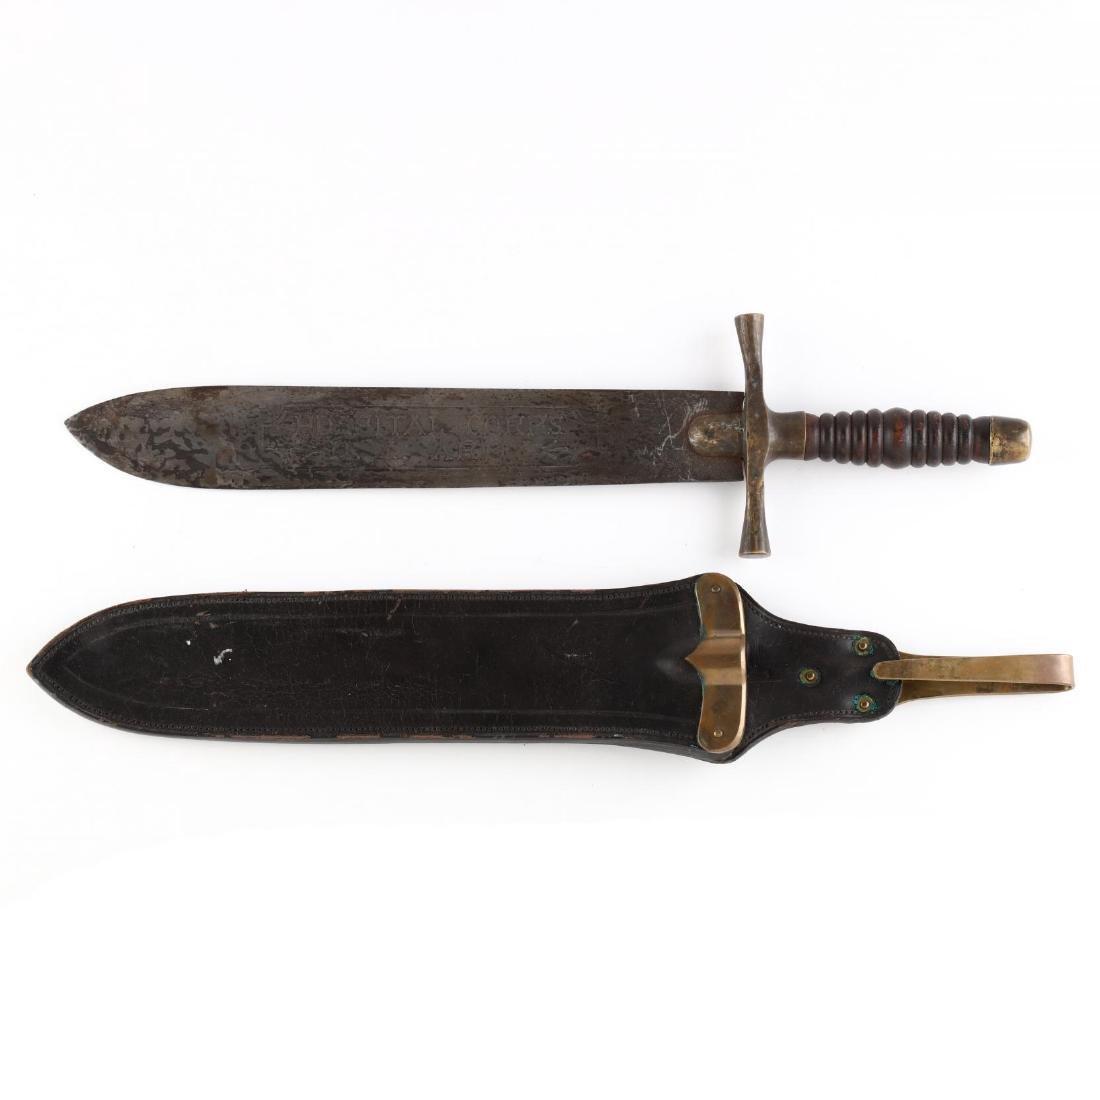 Model 1887 U. S. Hospital Corps Knife